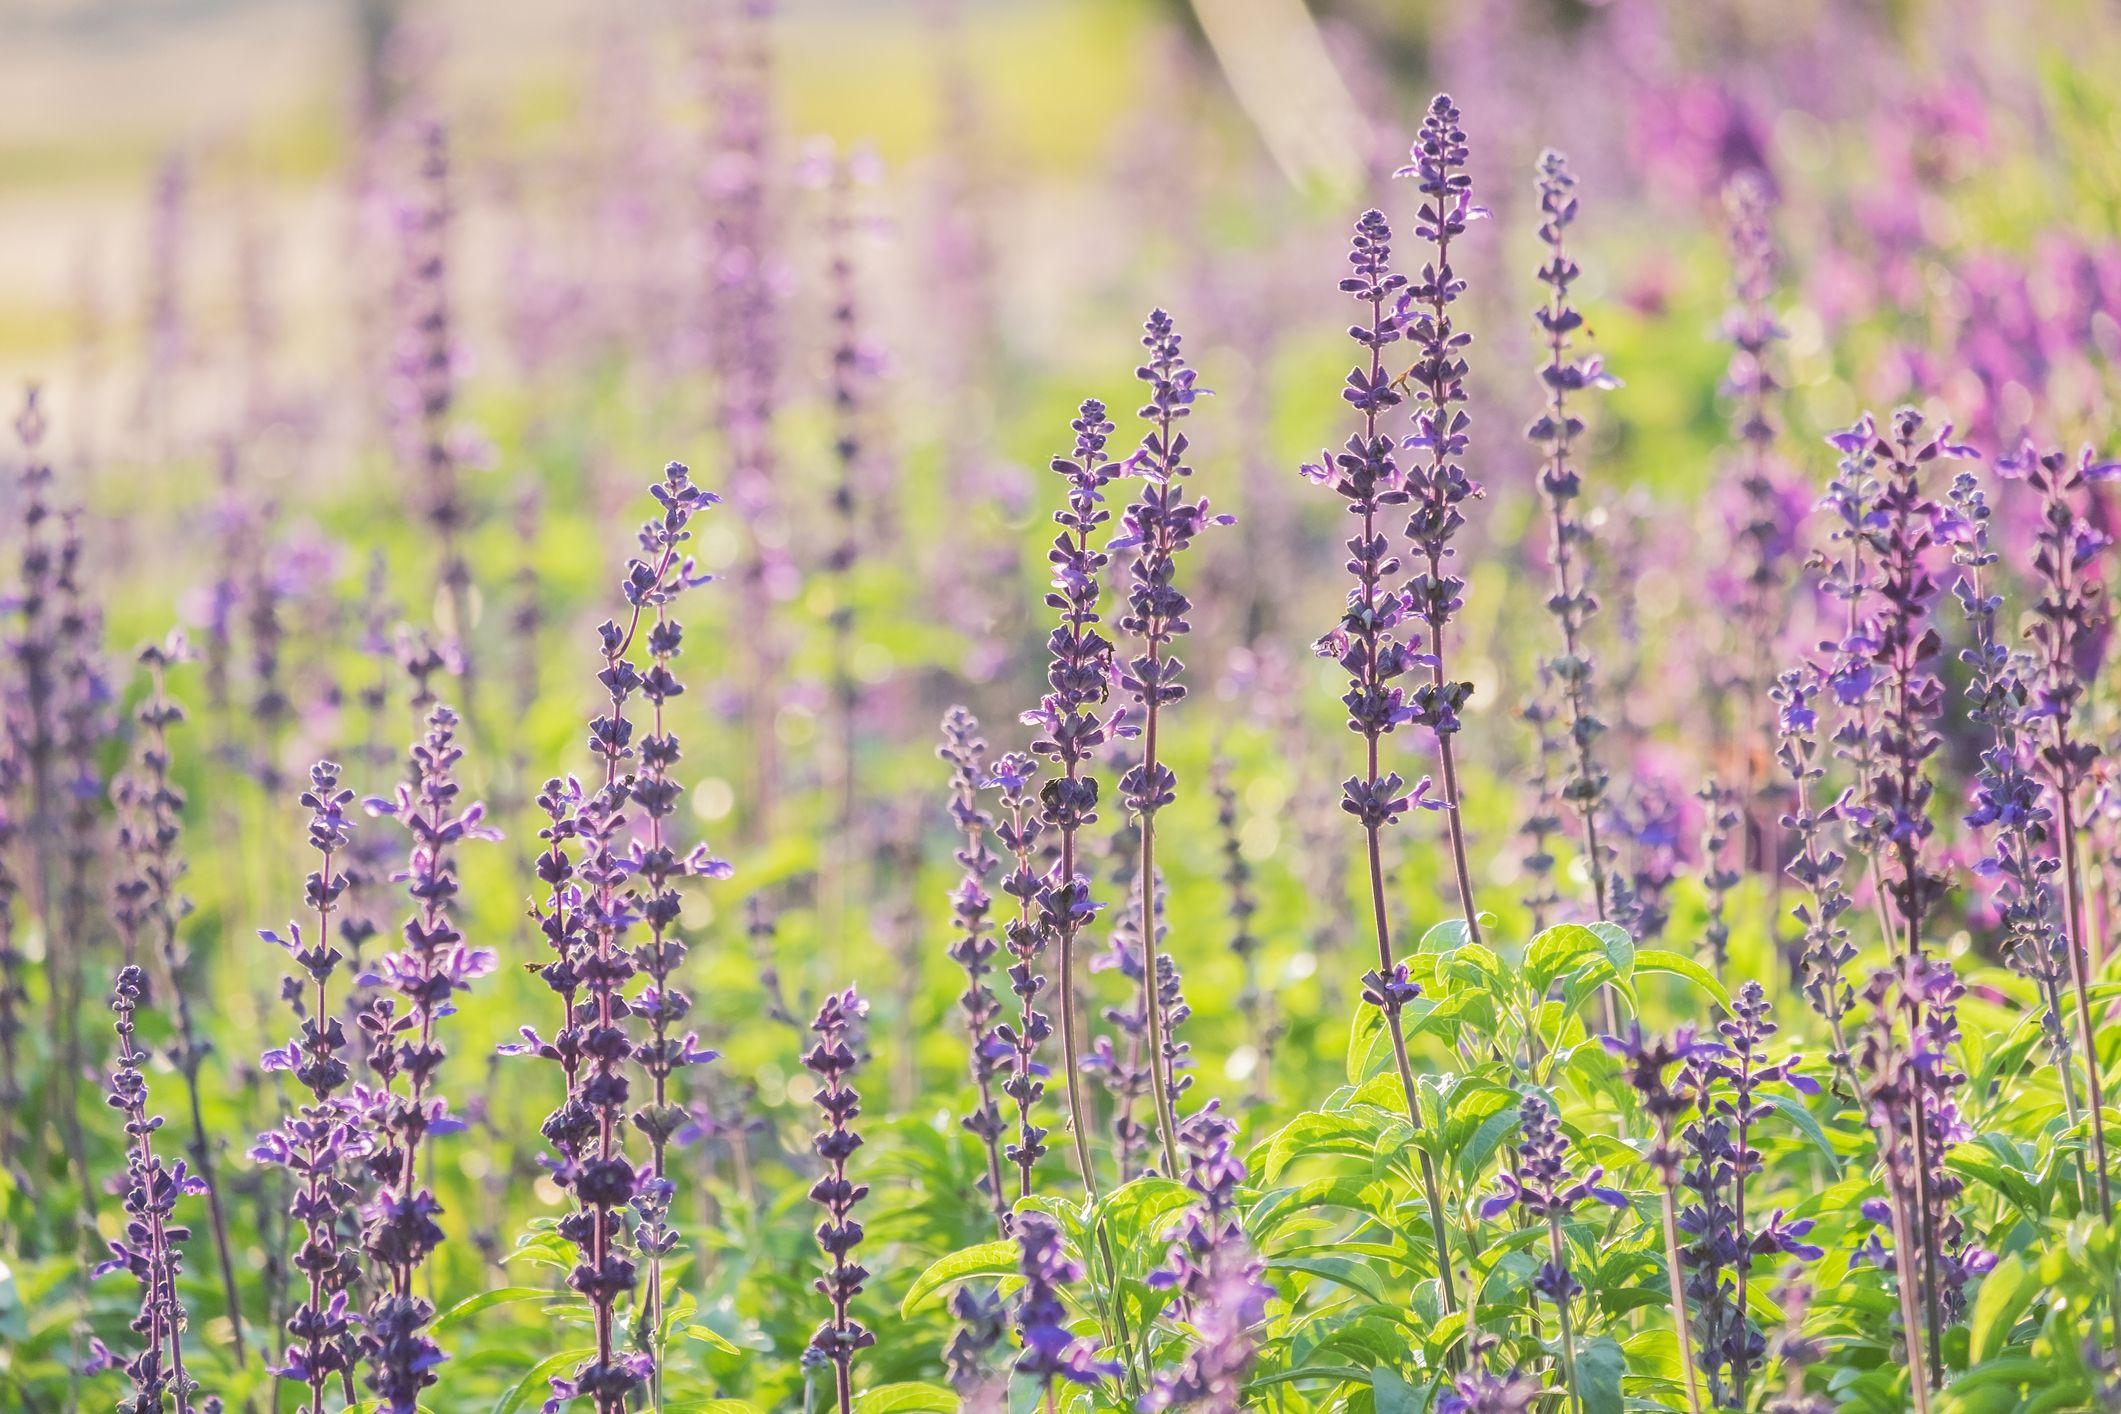 Lavenders Blooming On Field